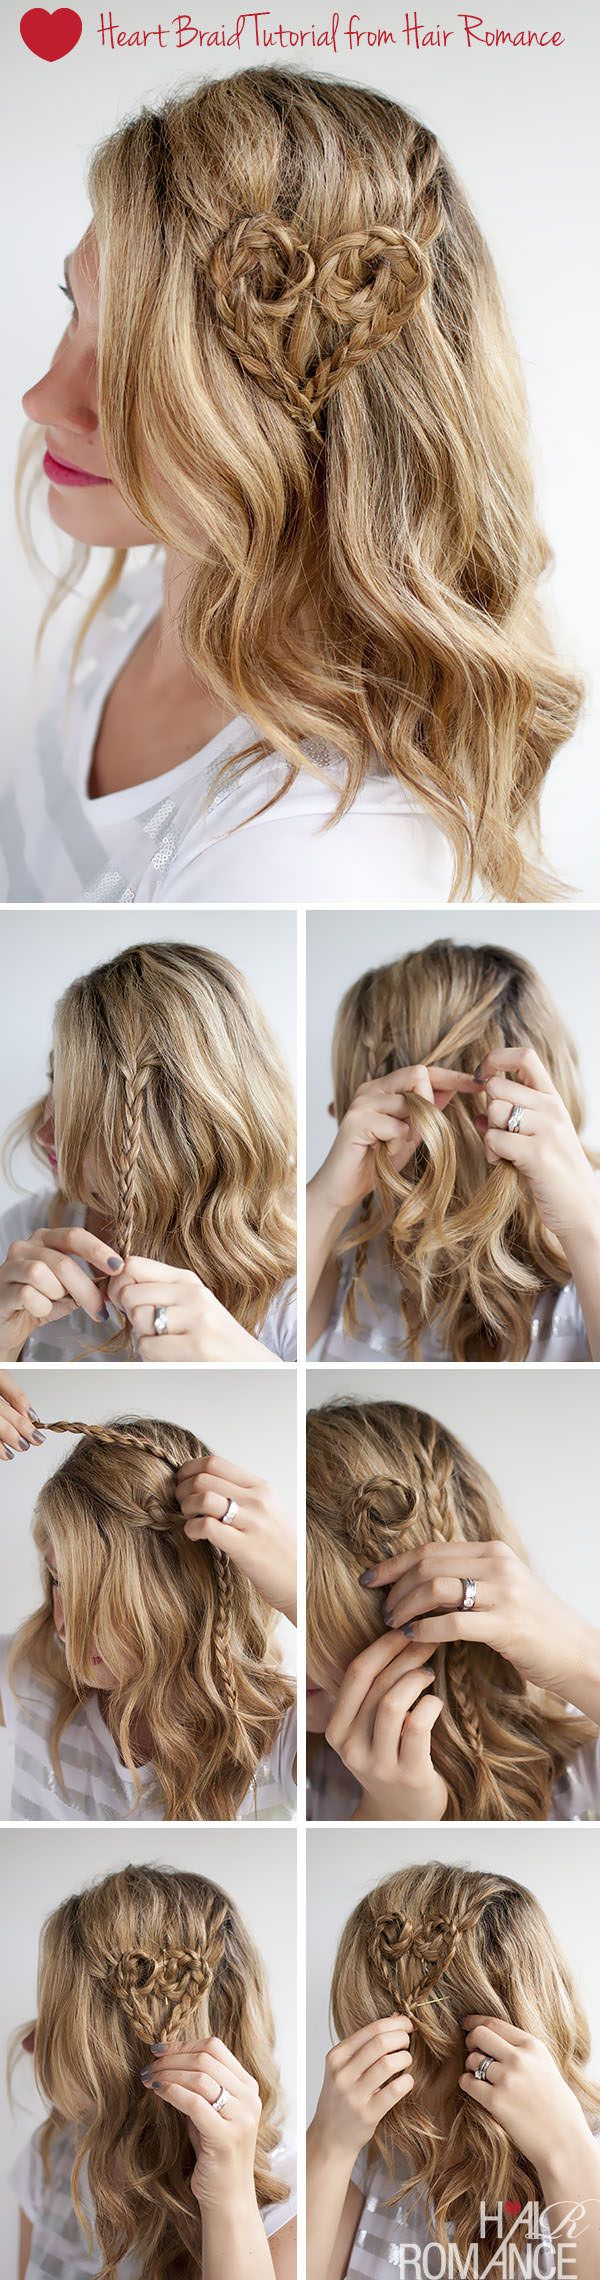 Heart braid tutorial hair pinterest heart braid braid